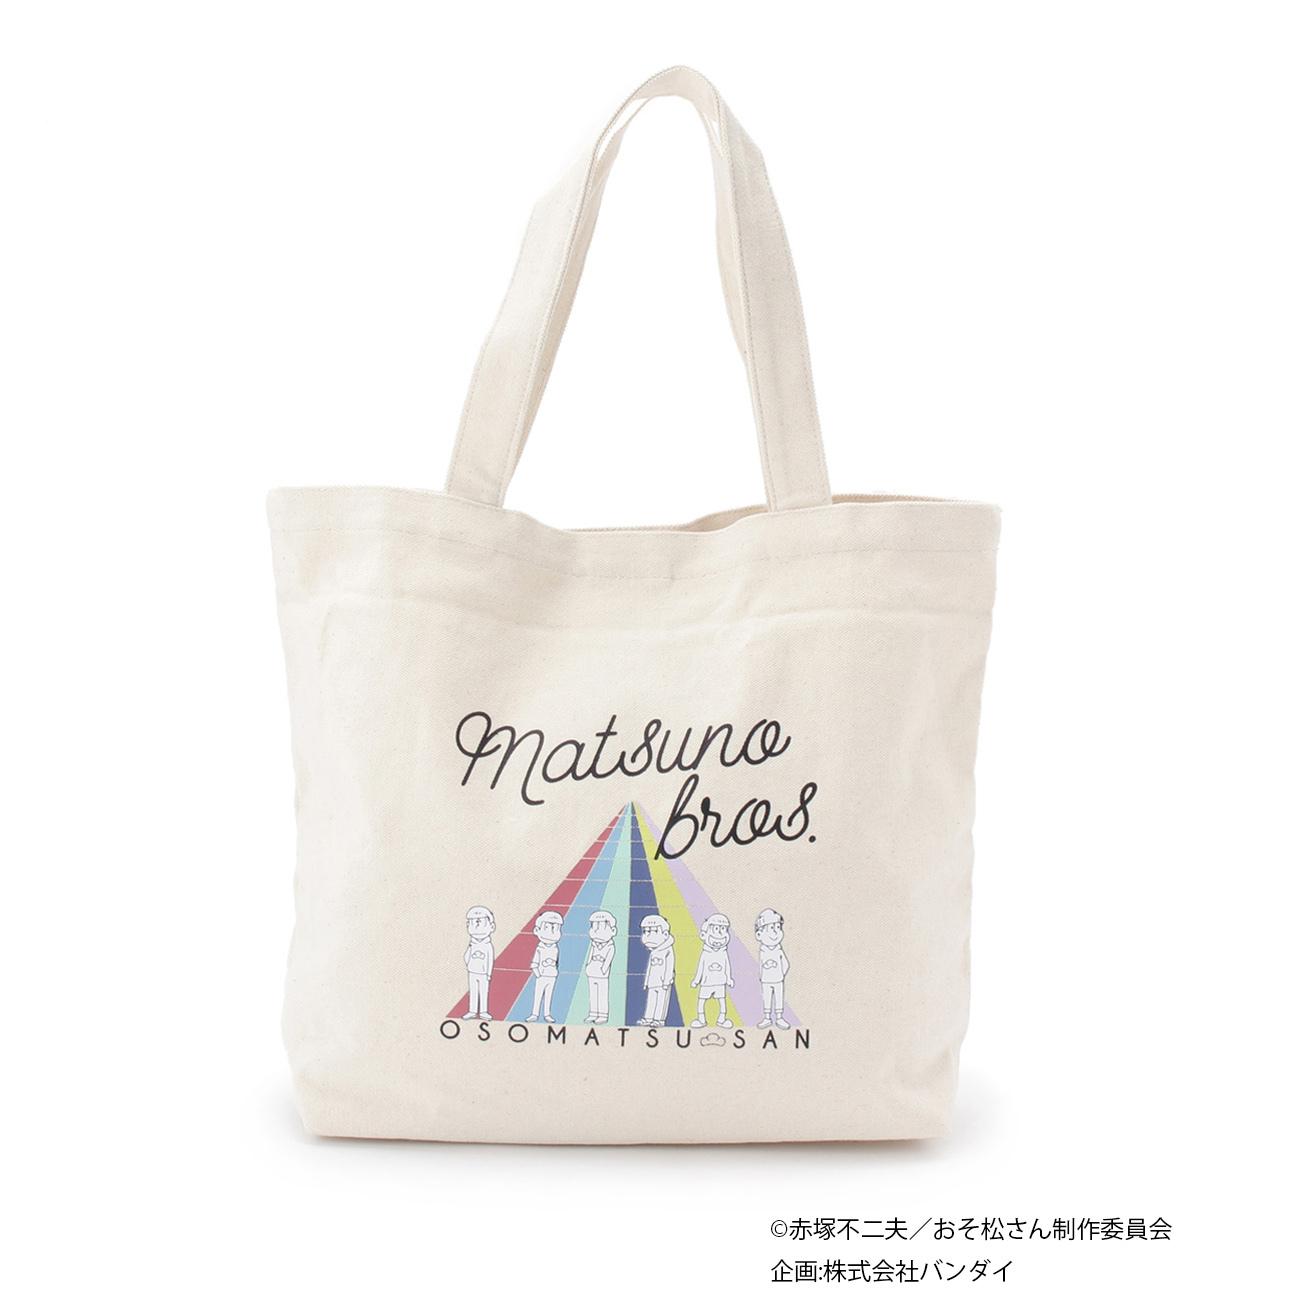 おそ松さんトートバッグ ¥3,490/ホワイト・ブルー系